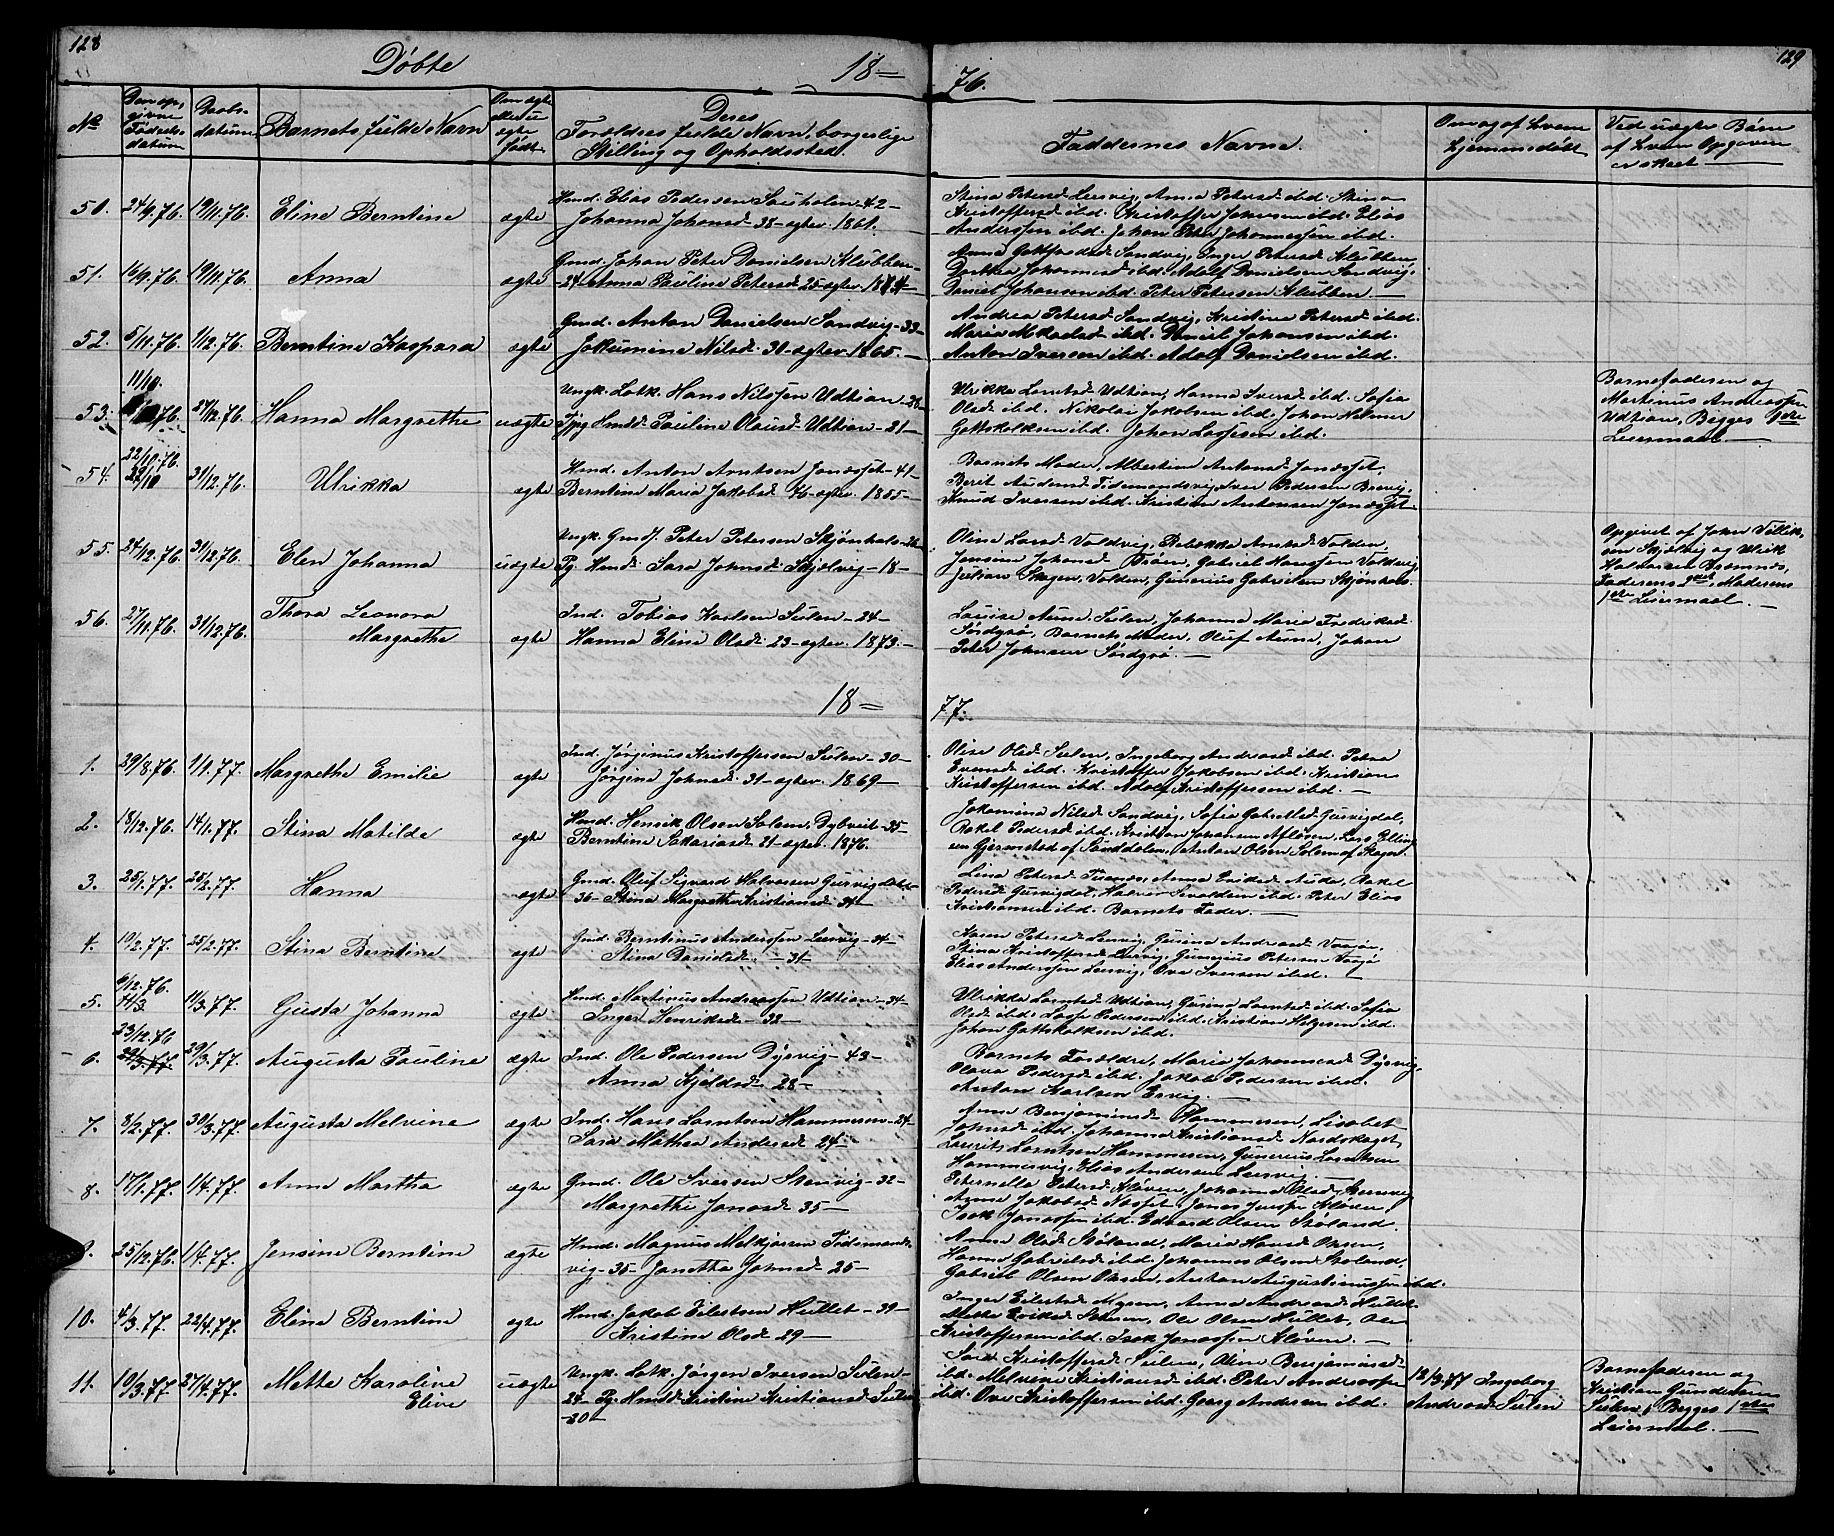 SAT, Ministerialprotokoller, klokkerbøker og fødselsregistre - Sør-Trøndelag, 640/L0583: Klokkerbok nr. 640C01, 1866-1877, s. 128-129